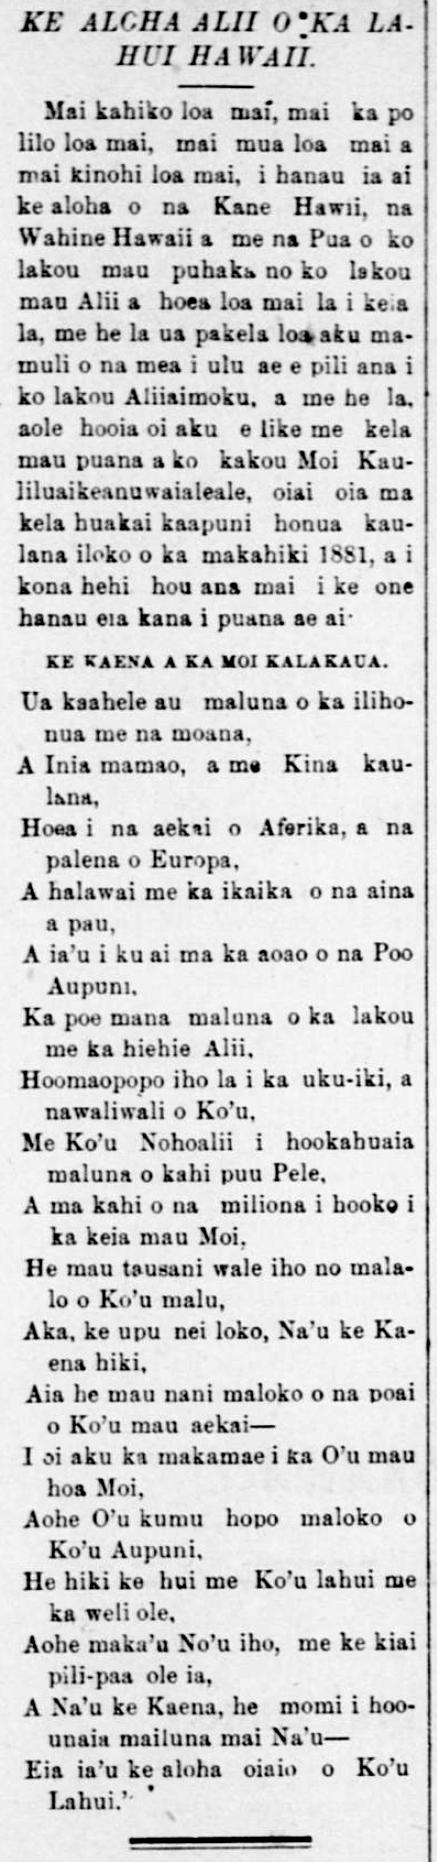 HawaiiHolomua_1_18_1893_3.png